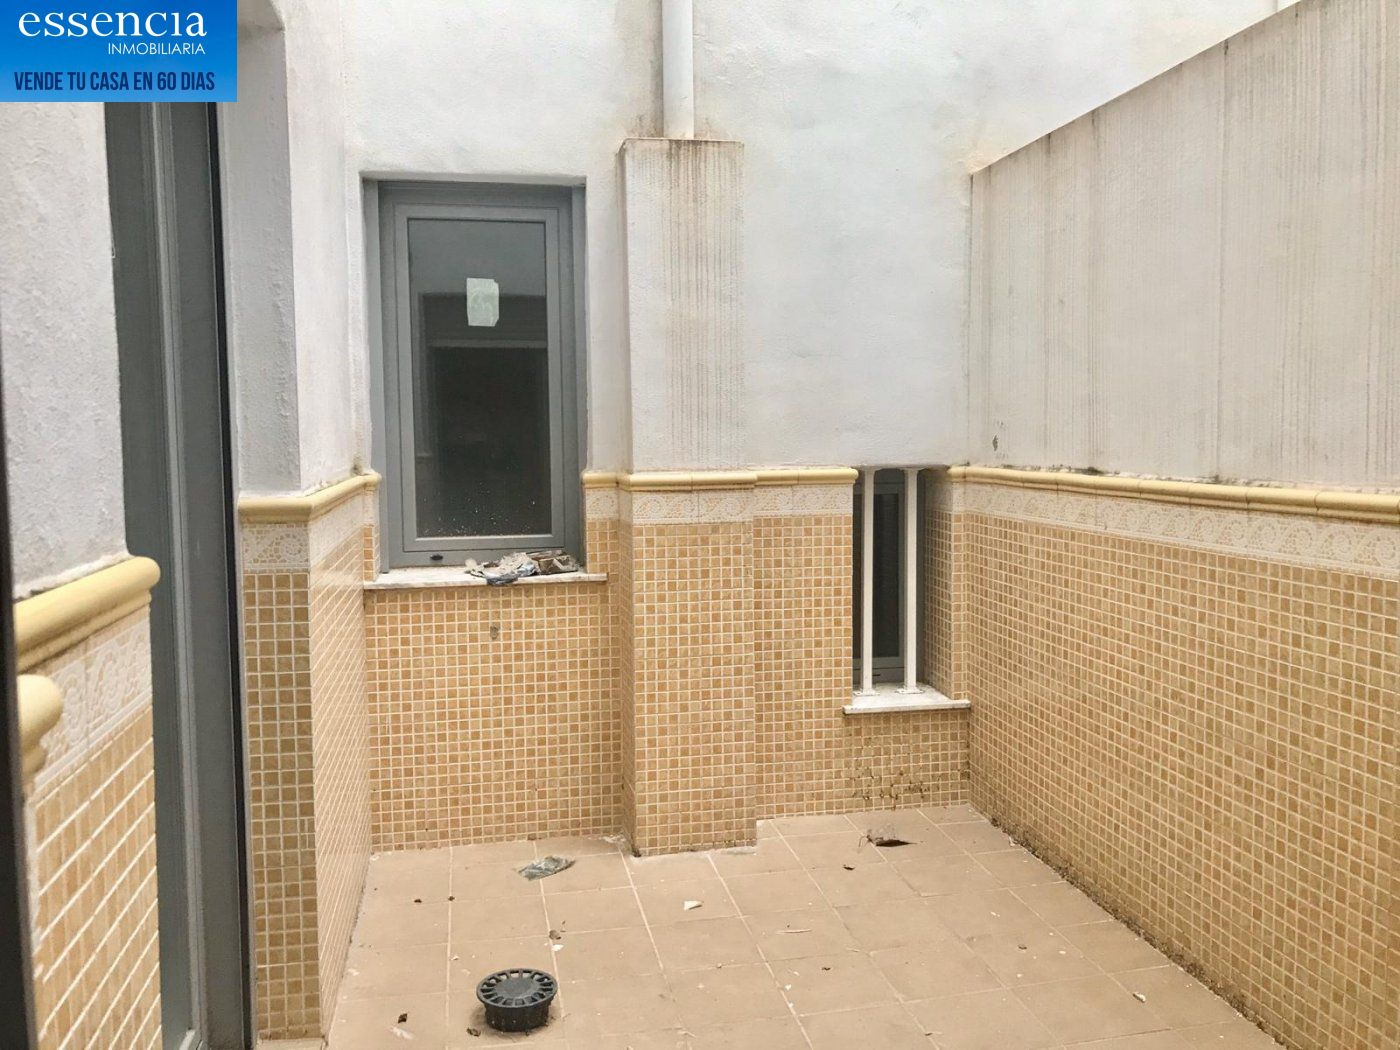 PromociÓn de pisos a estrenar en calle pare pasqual de gandia. 3 ya reservados - imagenInmueble26